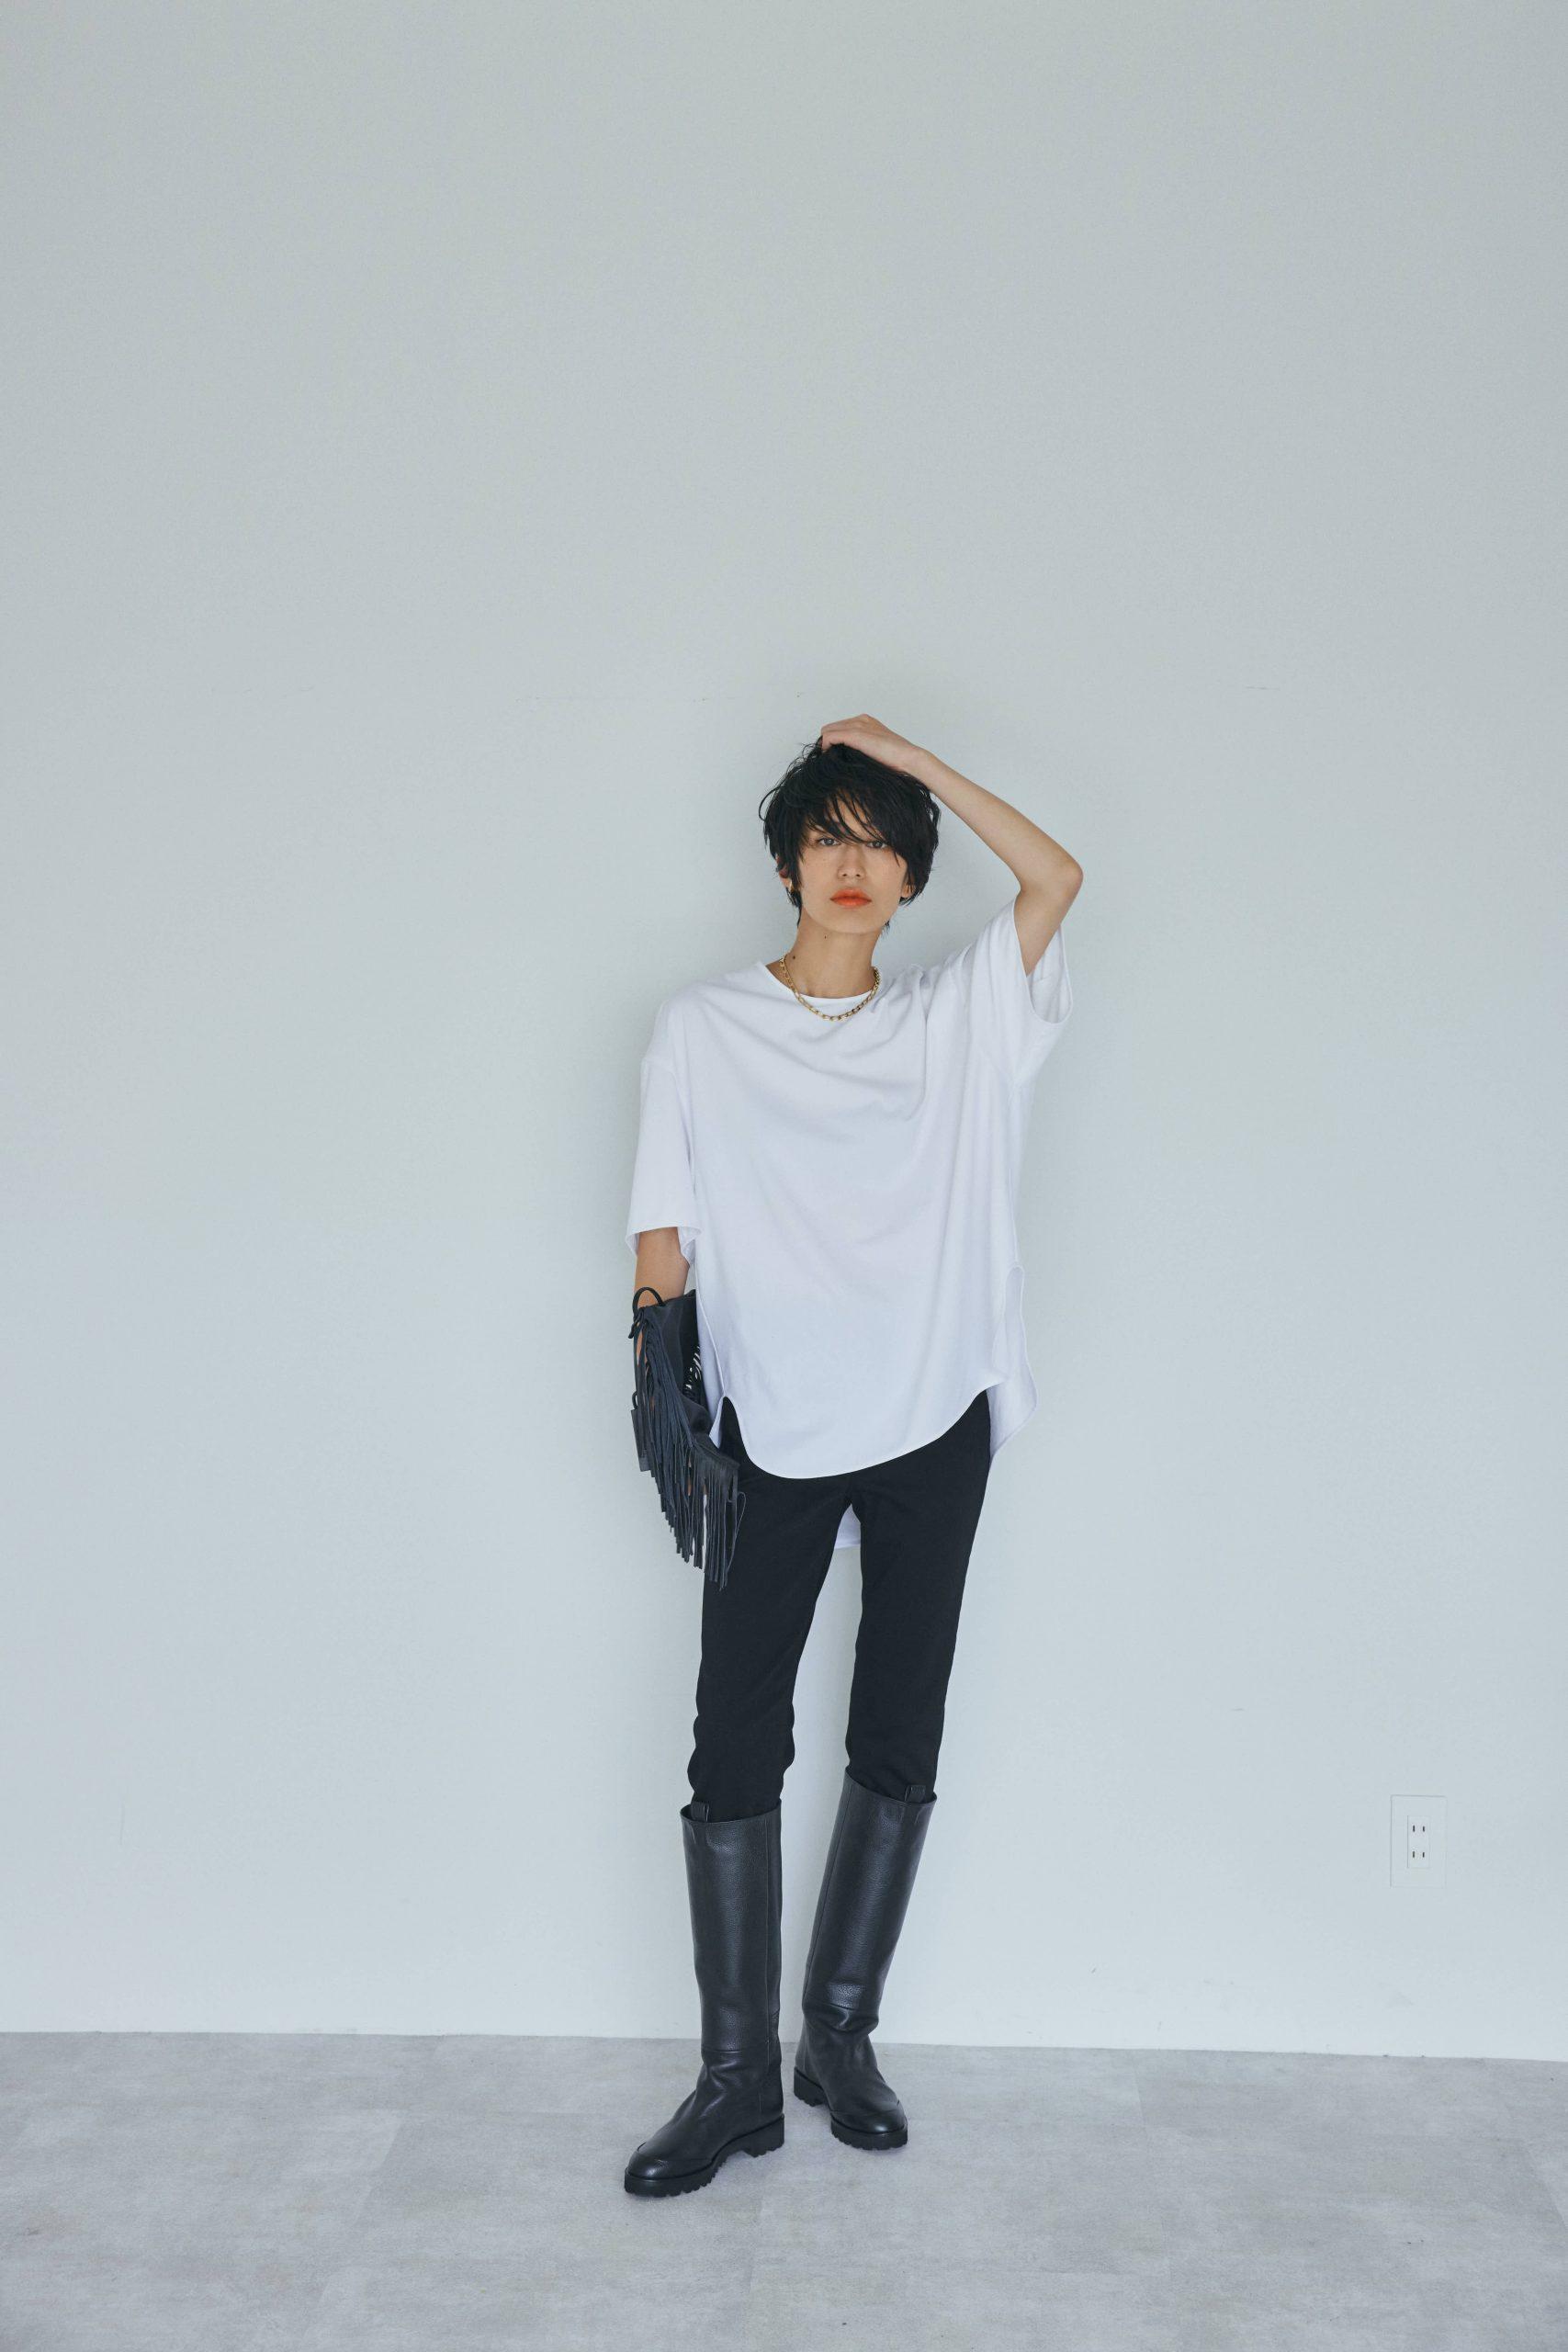 神山まりあ×RIVE DROITE(リヴドロワ)のコラボTシャツを私服のモノトーンコーデで。白Tシャツ1